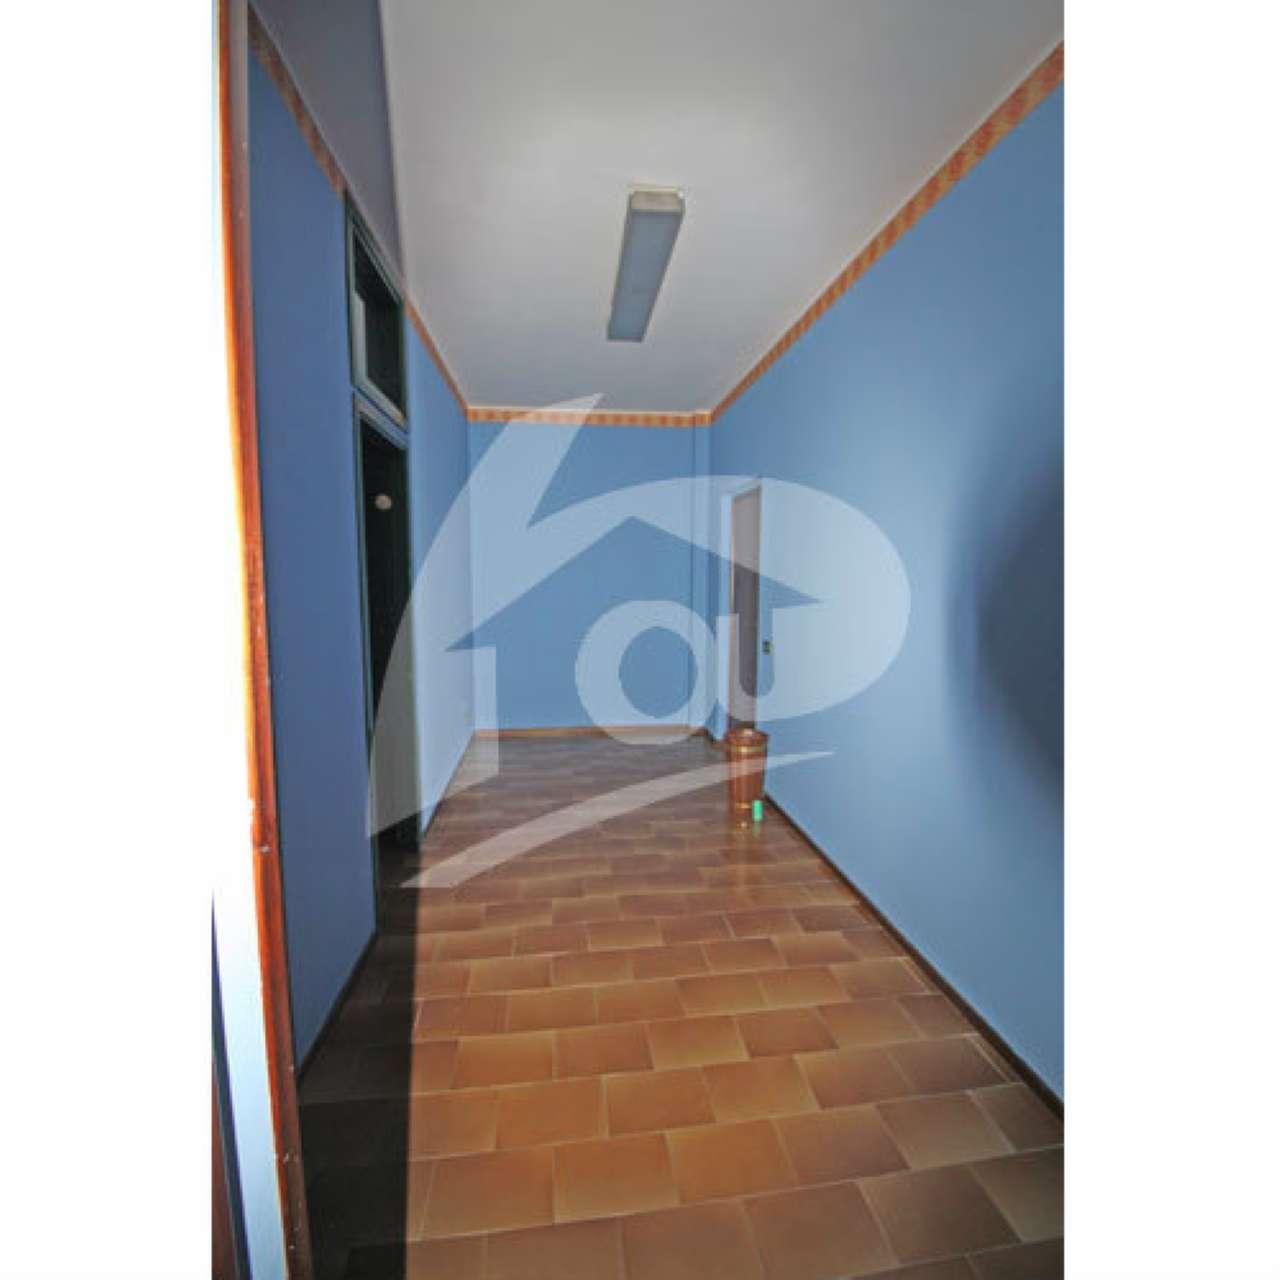 Ufficio / Studio in vendita a Cittiglio, 3 locali, prezzo € 80.000 | CambioCasa.it